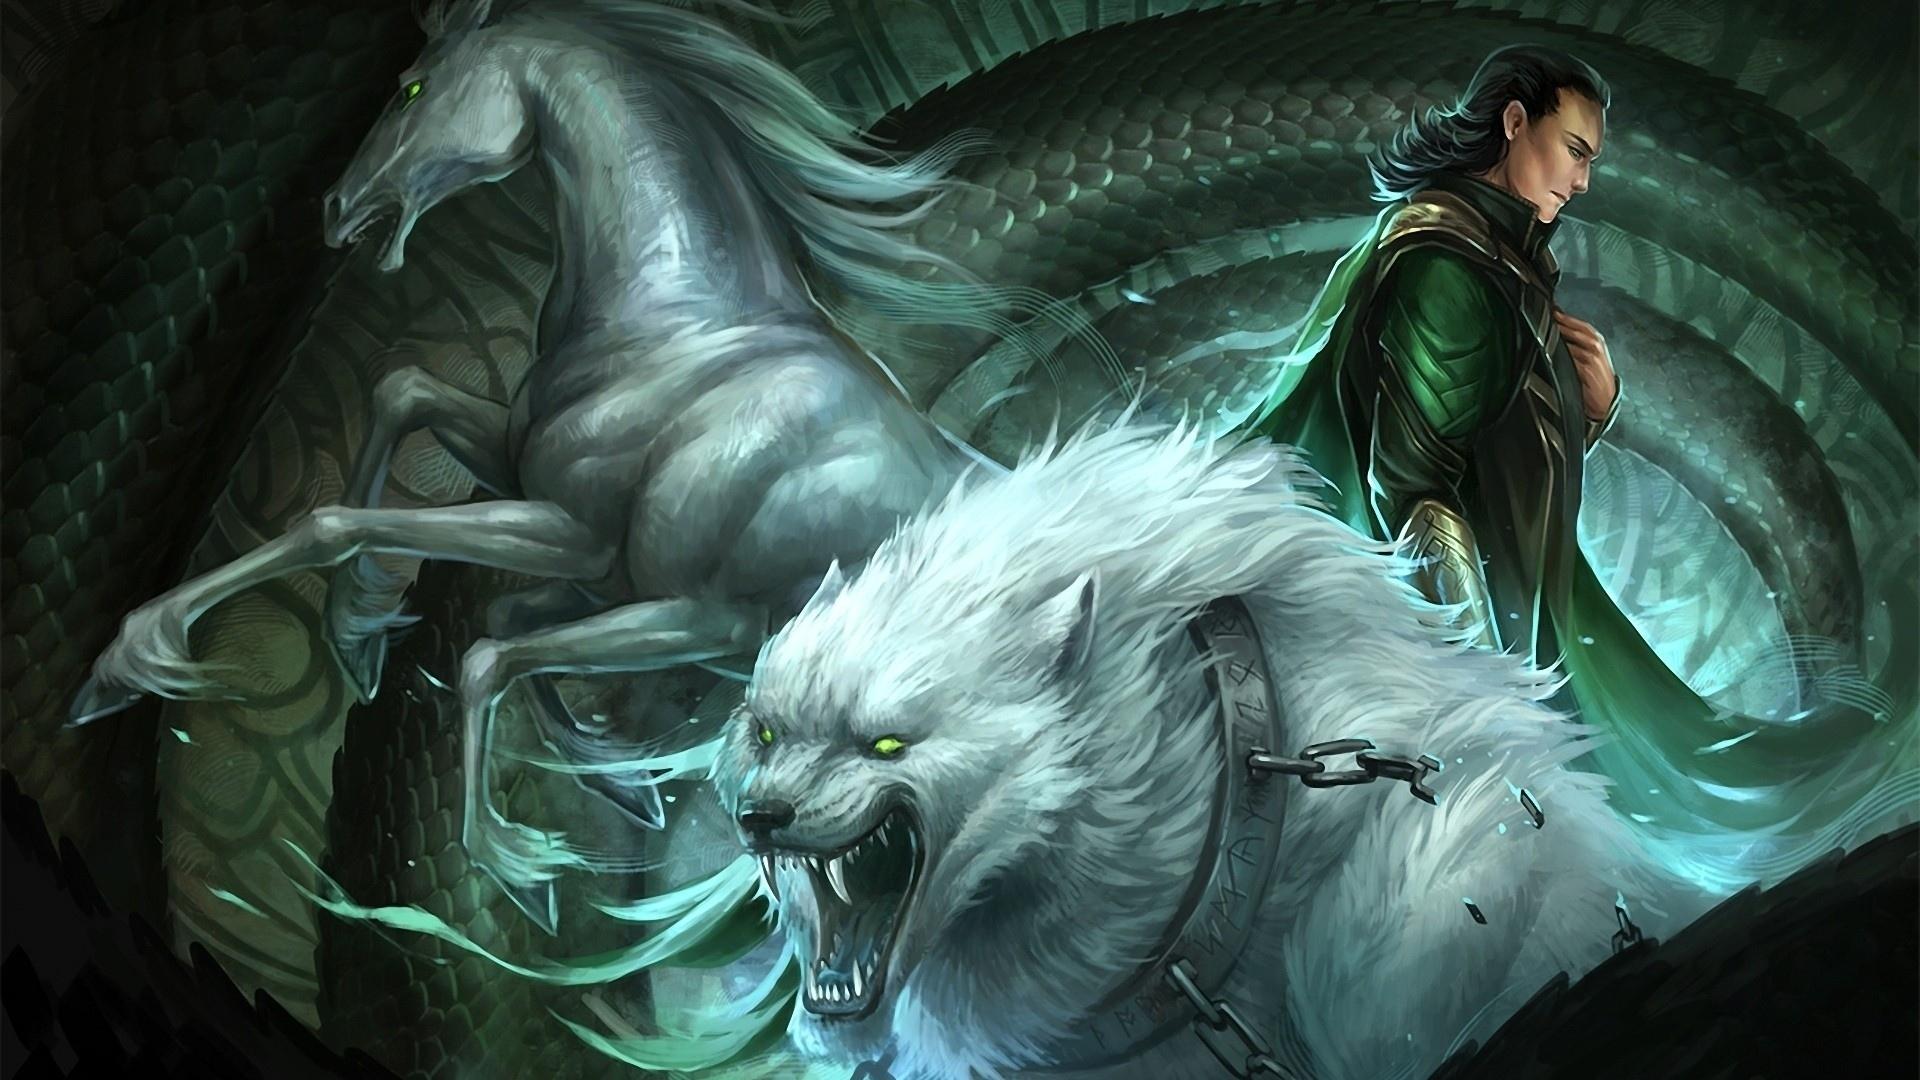 Loki039s Children By Sandara Asgard Fantasy Books Animals Horses Wolves Art Men Magic Monster Wallpaper